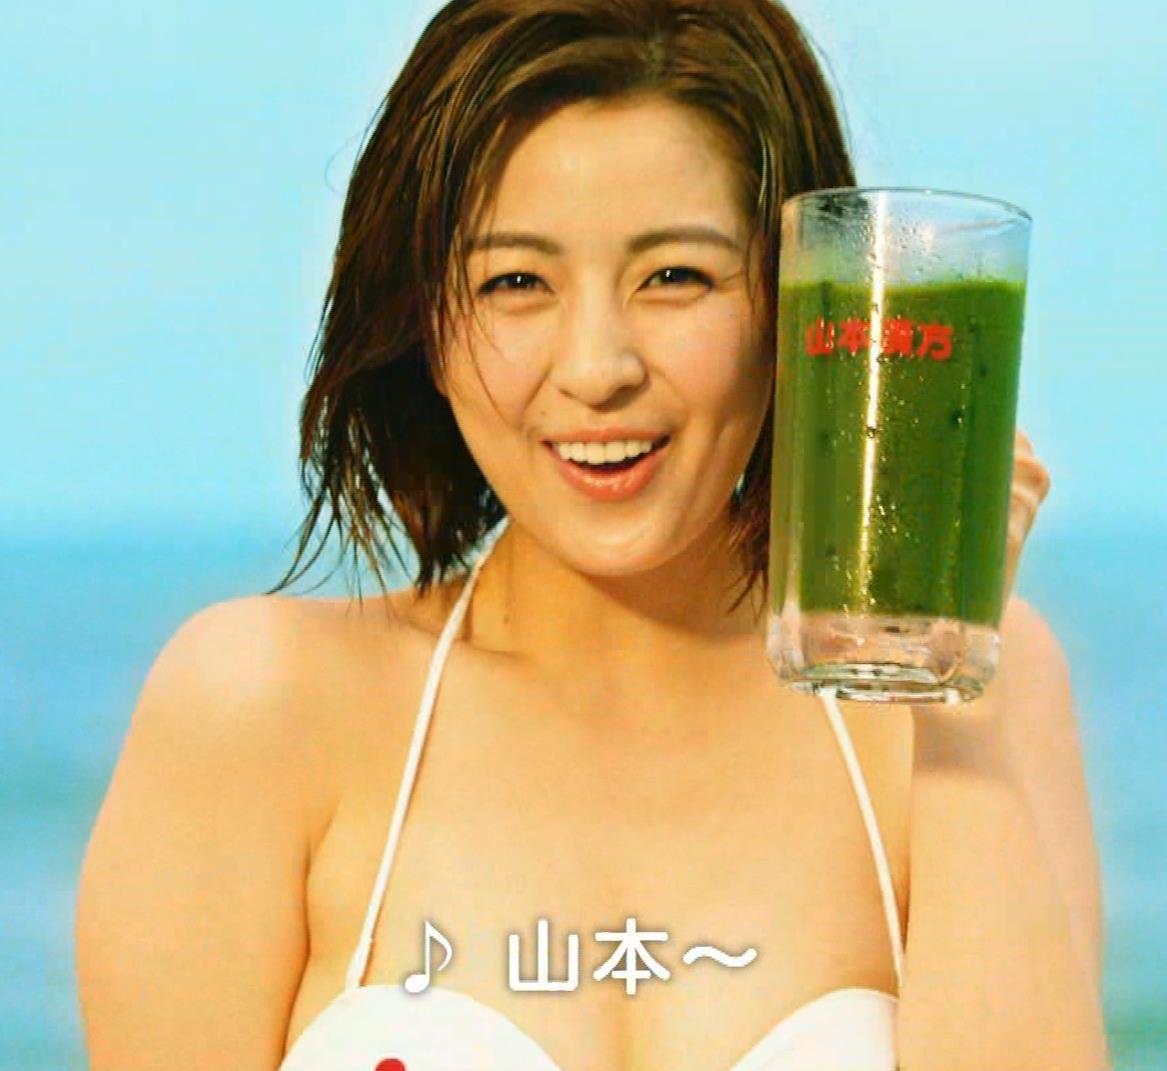 柳ゆり菜 ビキニの健康食品CMがぶっ飛んでてエロ過ぎキャプ・エロ画像10